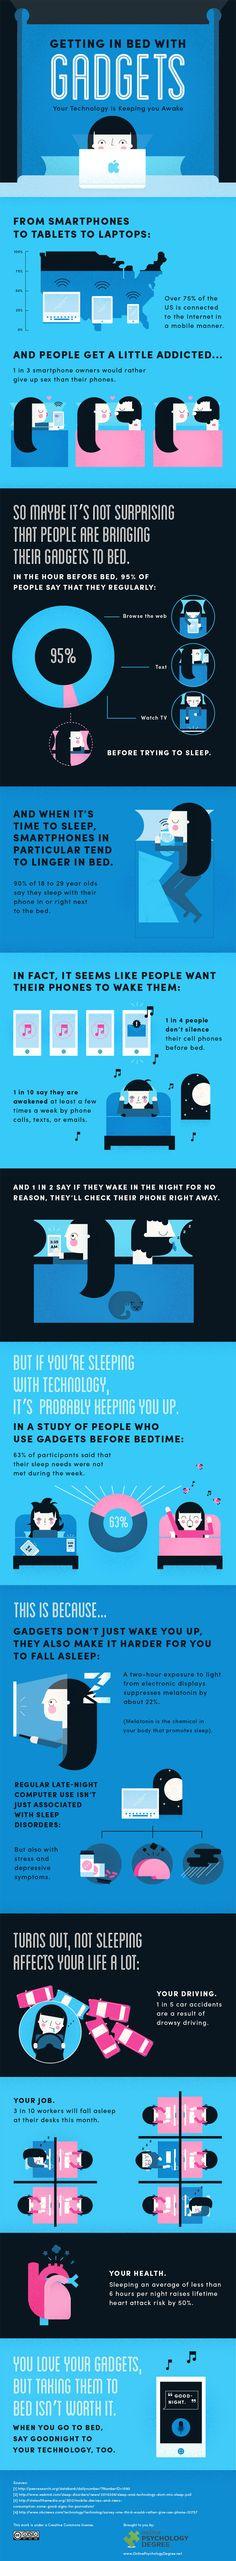 Graphisme & interactivité blog par Geoffrey Dorne » [infographie] Le jour où vous avez couché avec votre téléphone portable.